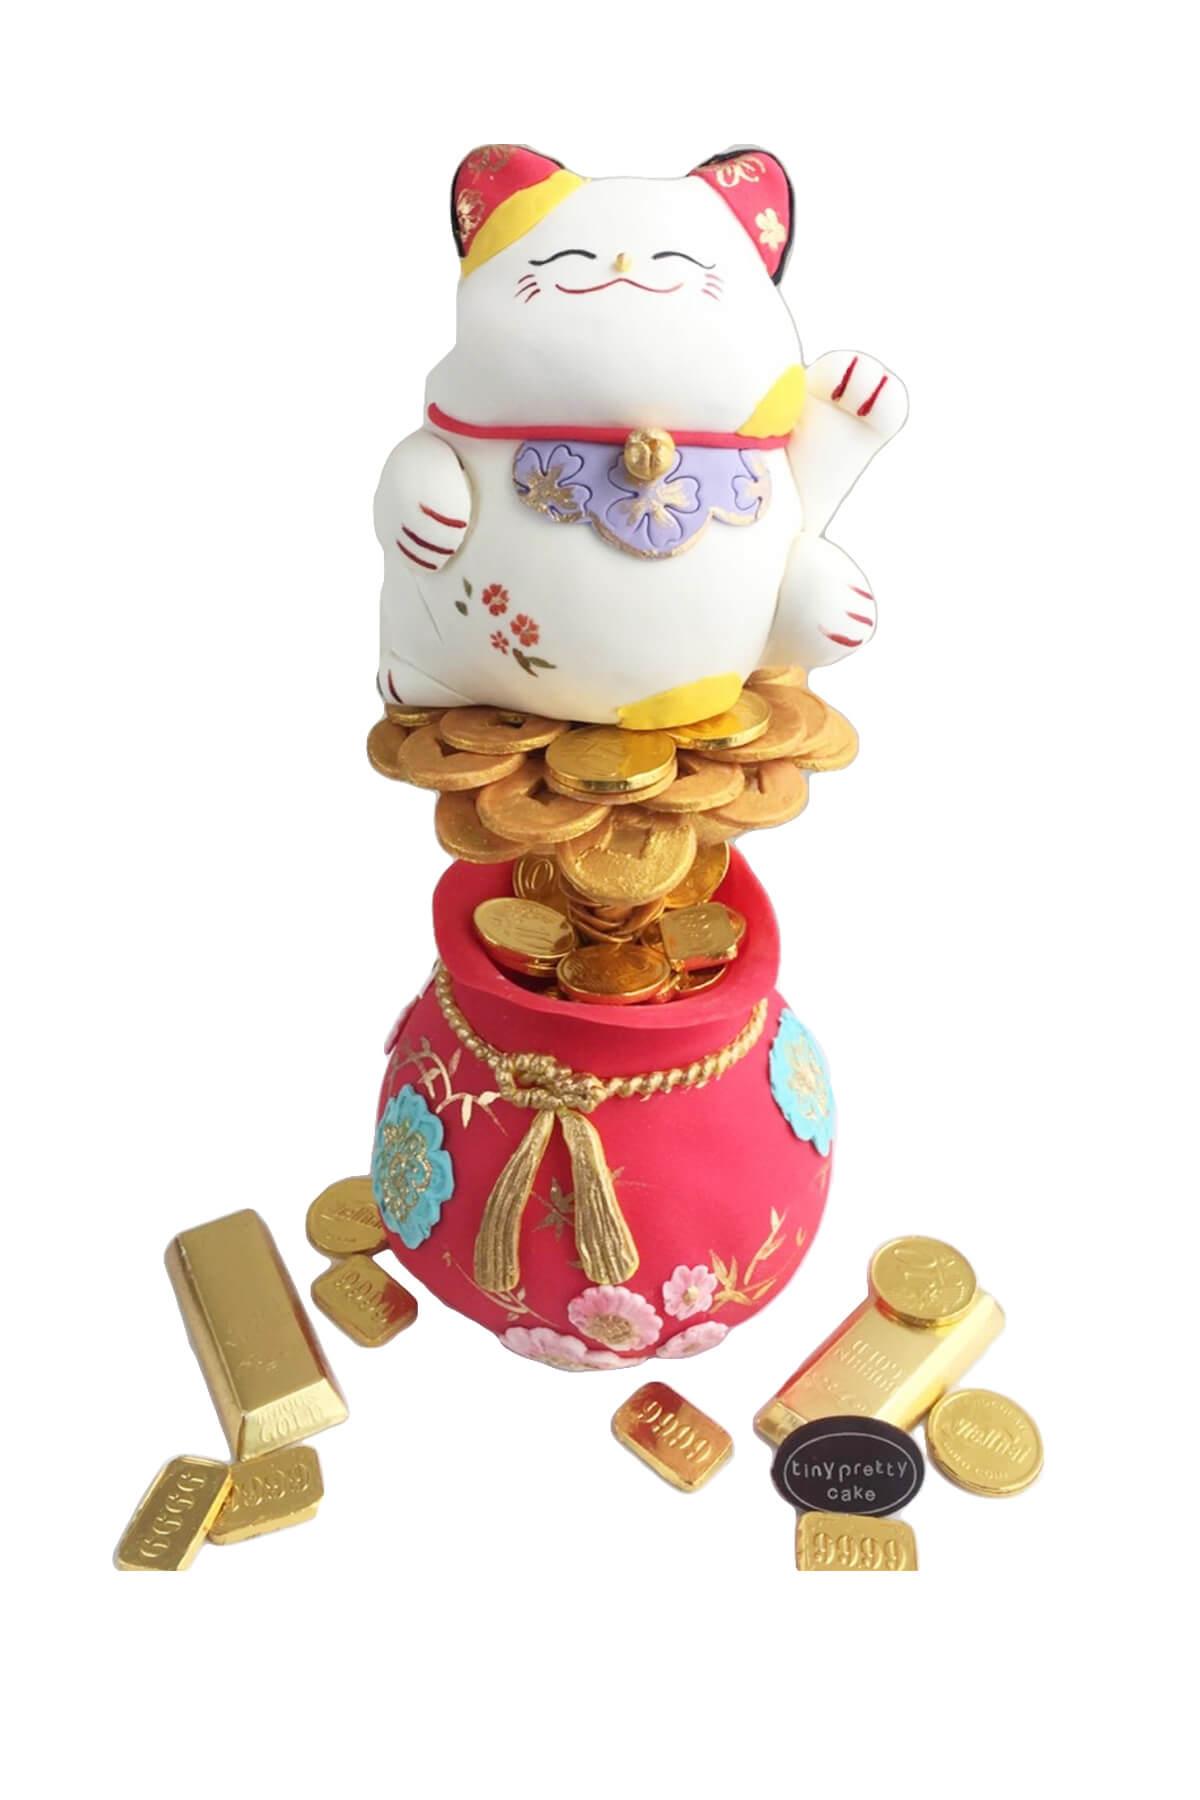 Bánh gato mèo thần tài và túi tiền tài lộc, mừng công ty khai trương phát đạt